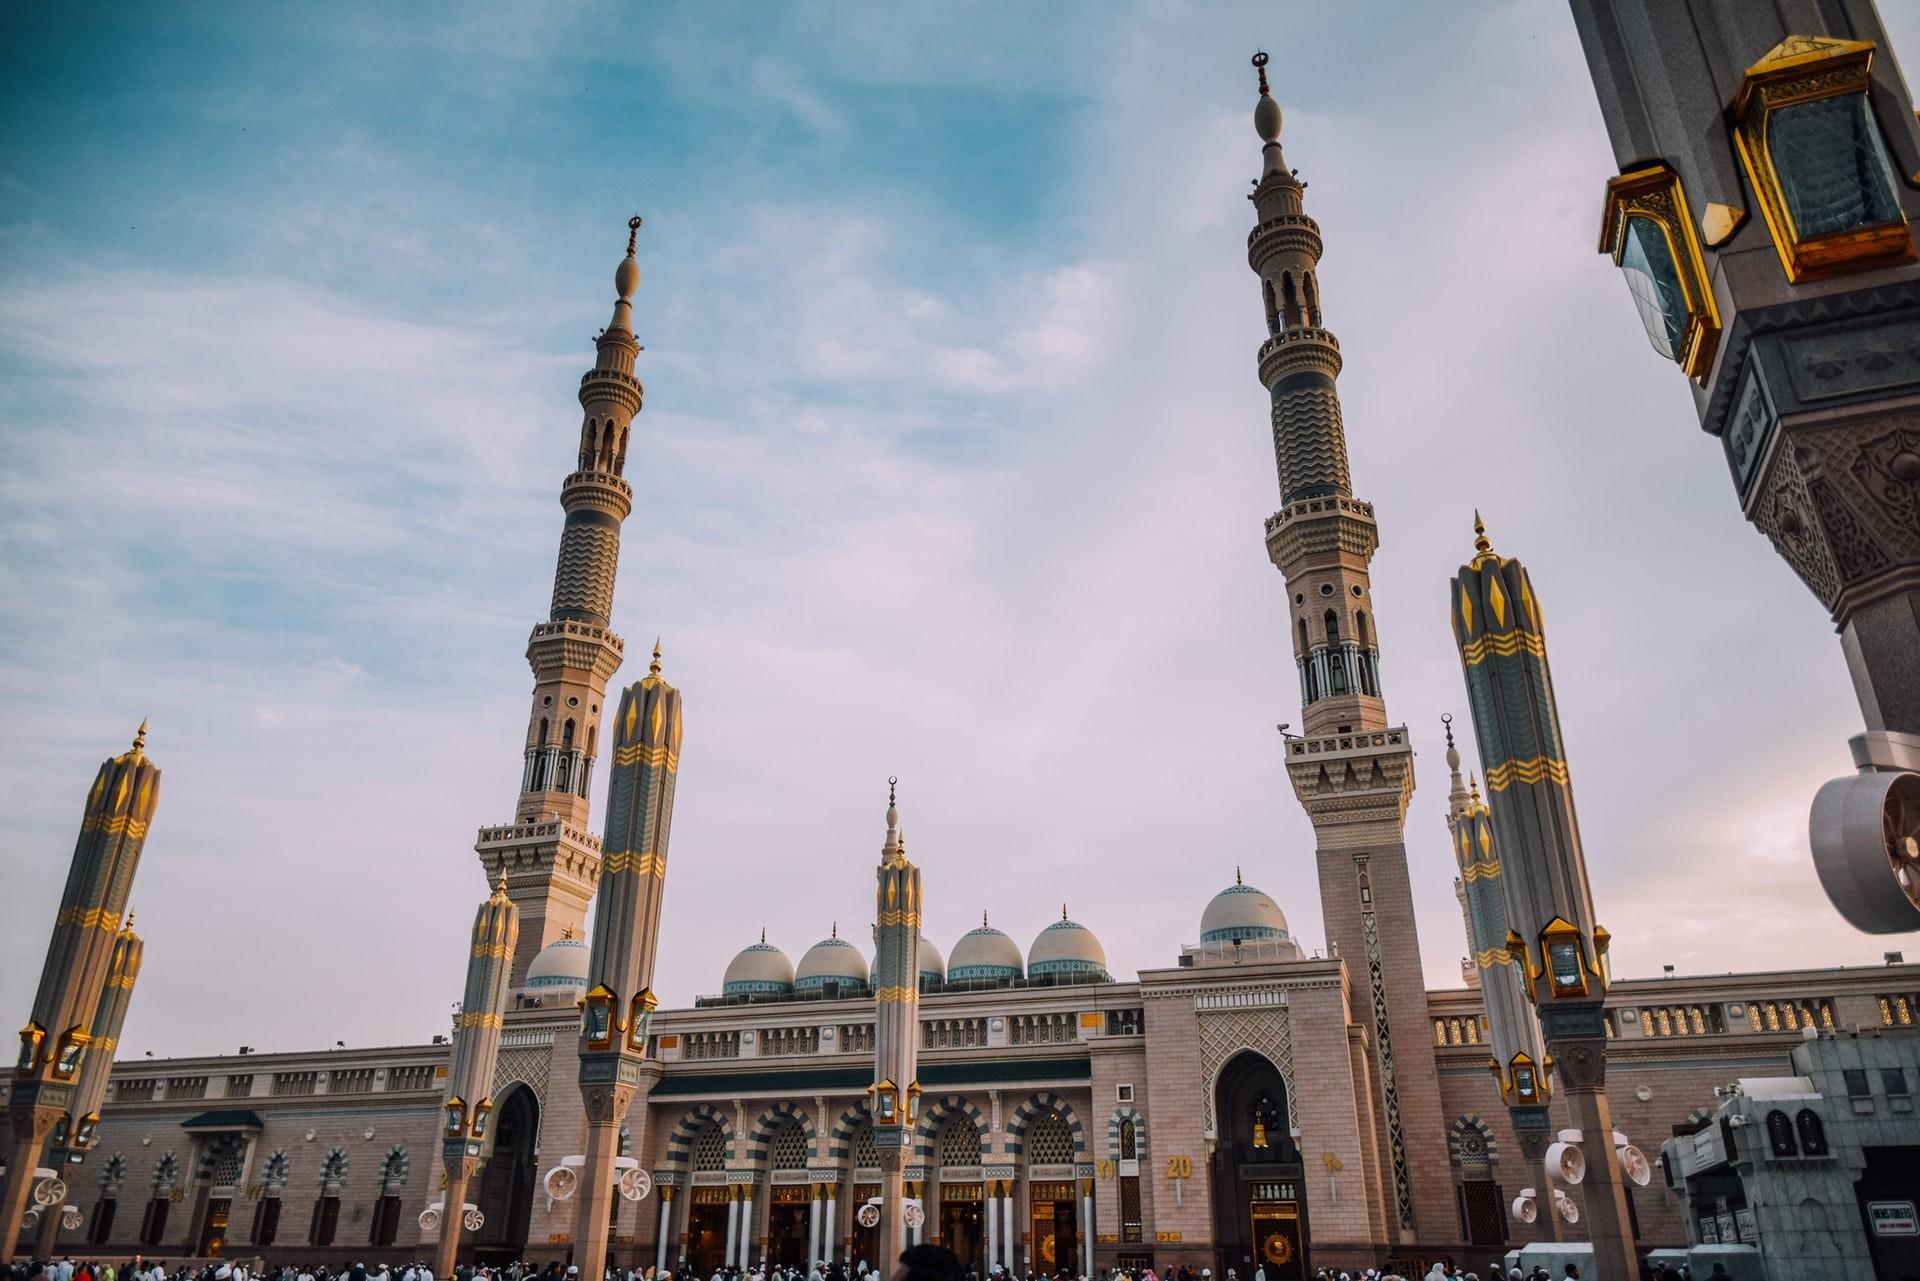 Masjid an Nabawi Madinah Saudi Arabia